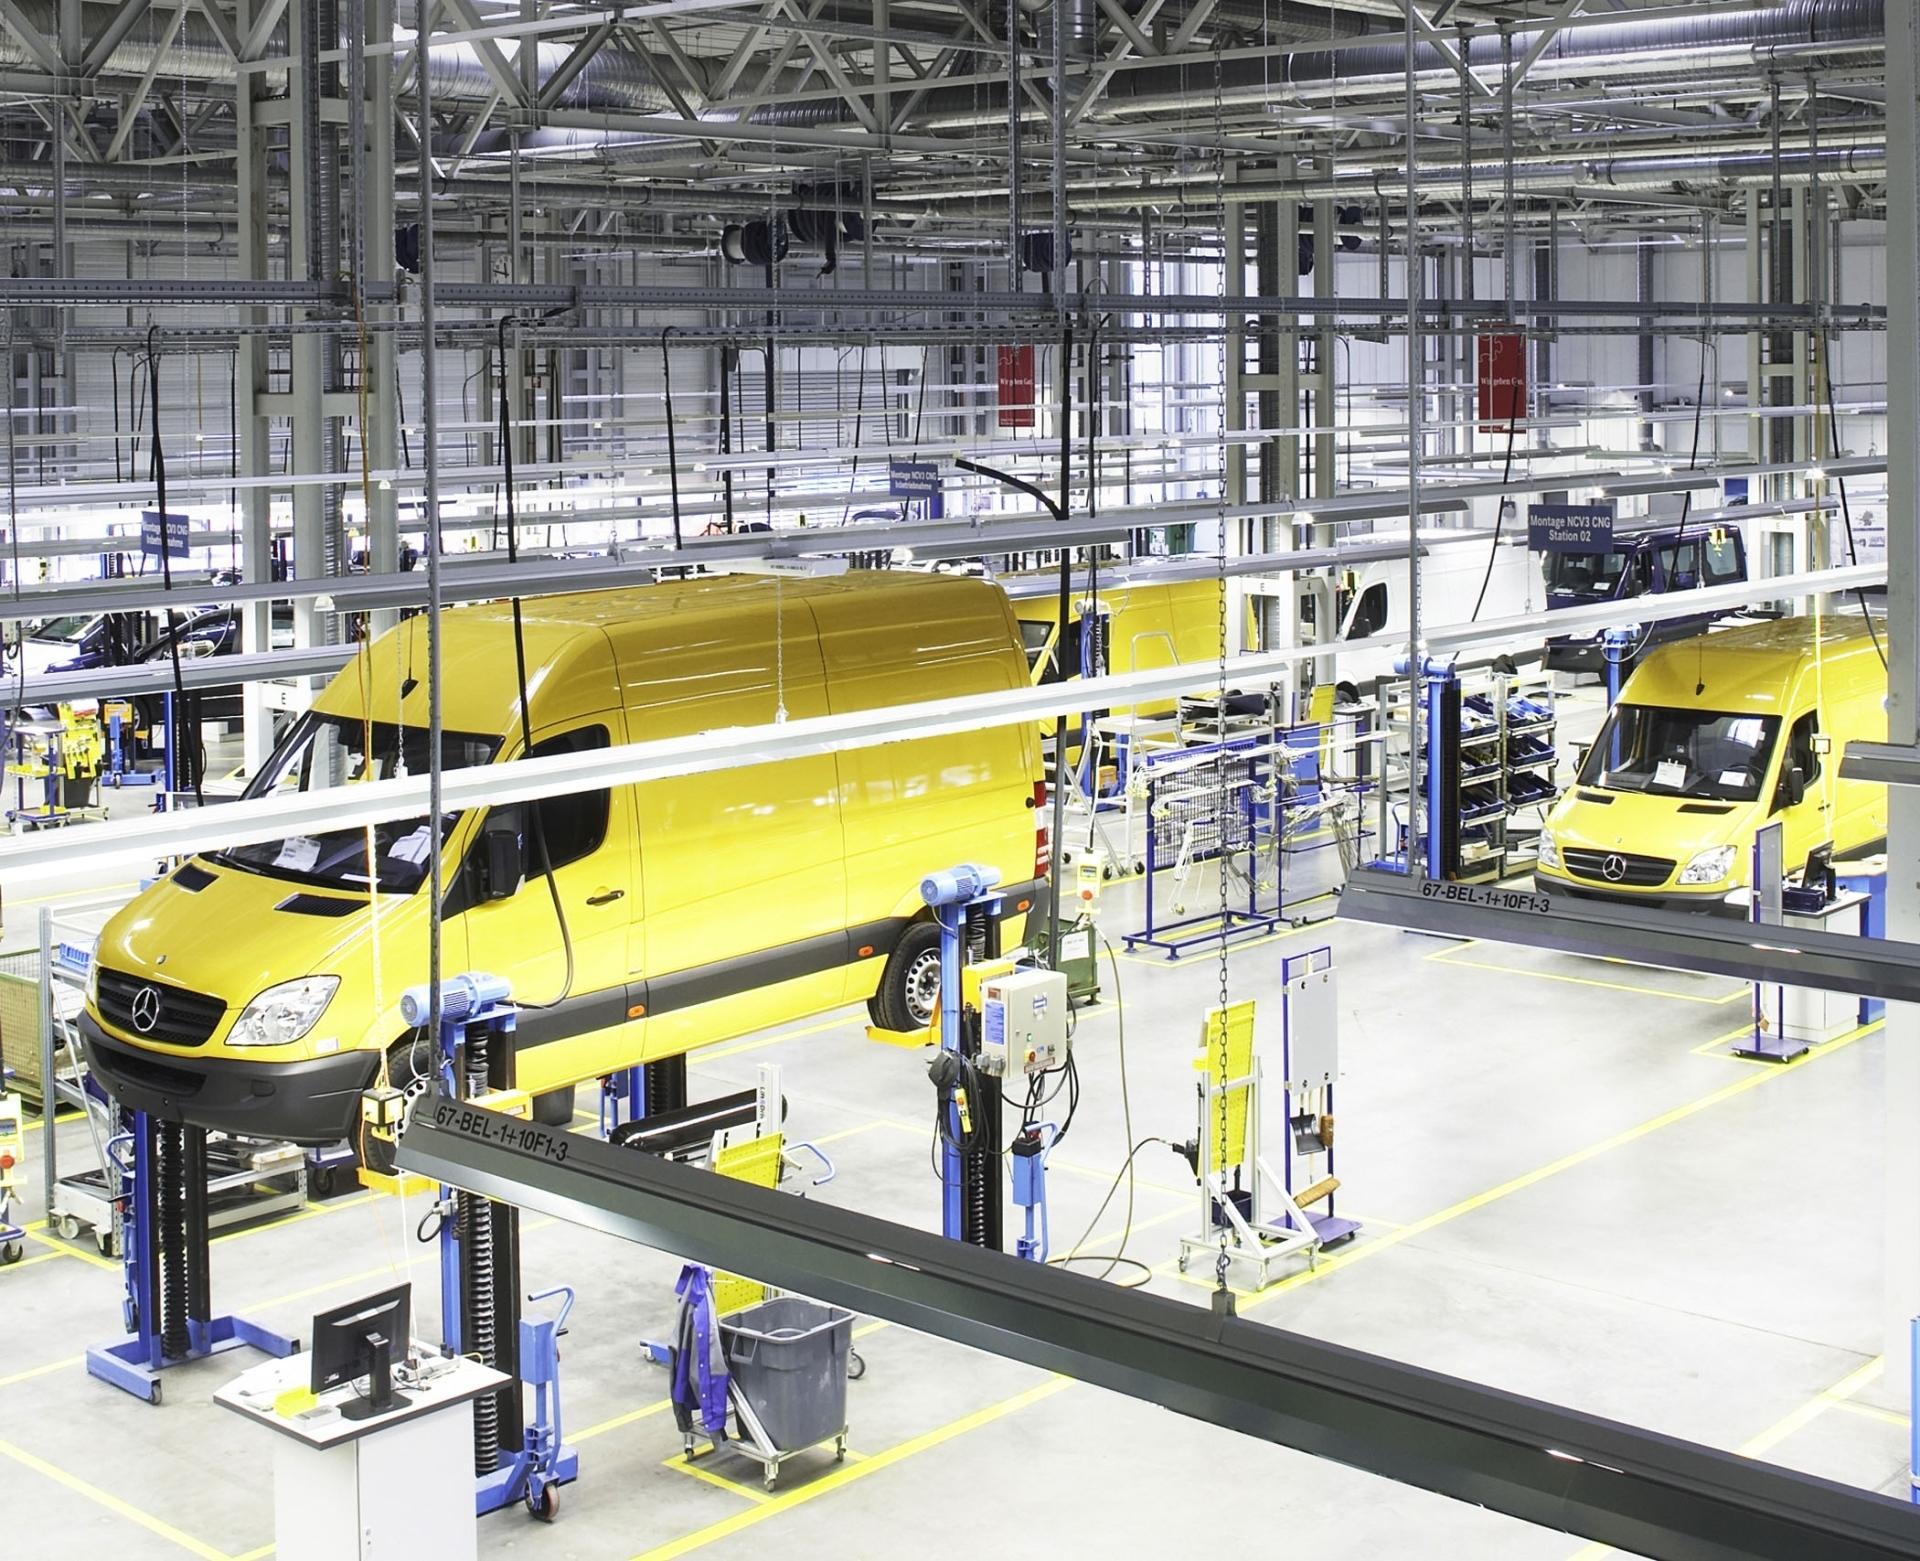 Nutzfahrzeug-Markt Europa - Stabiles Wachstum